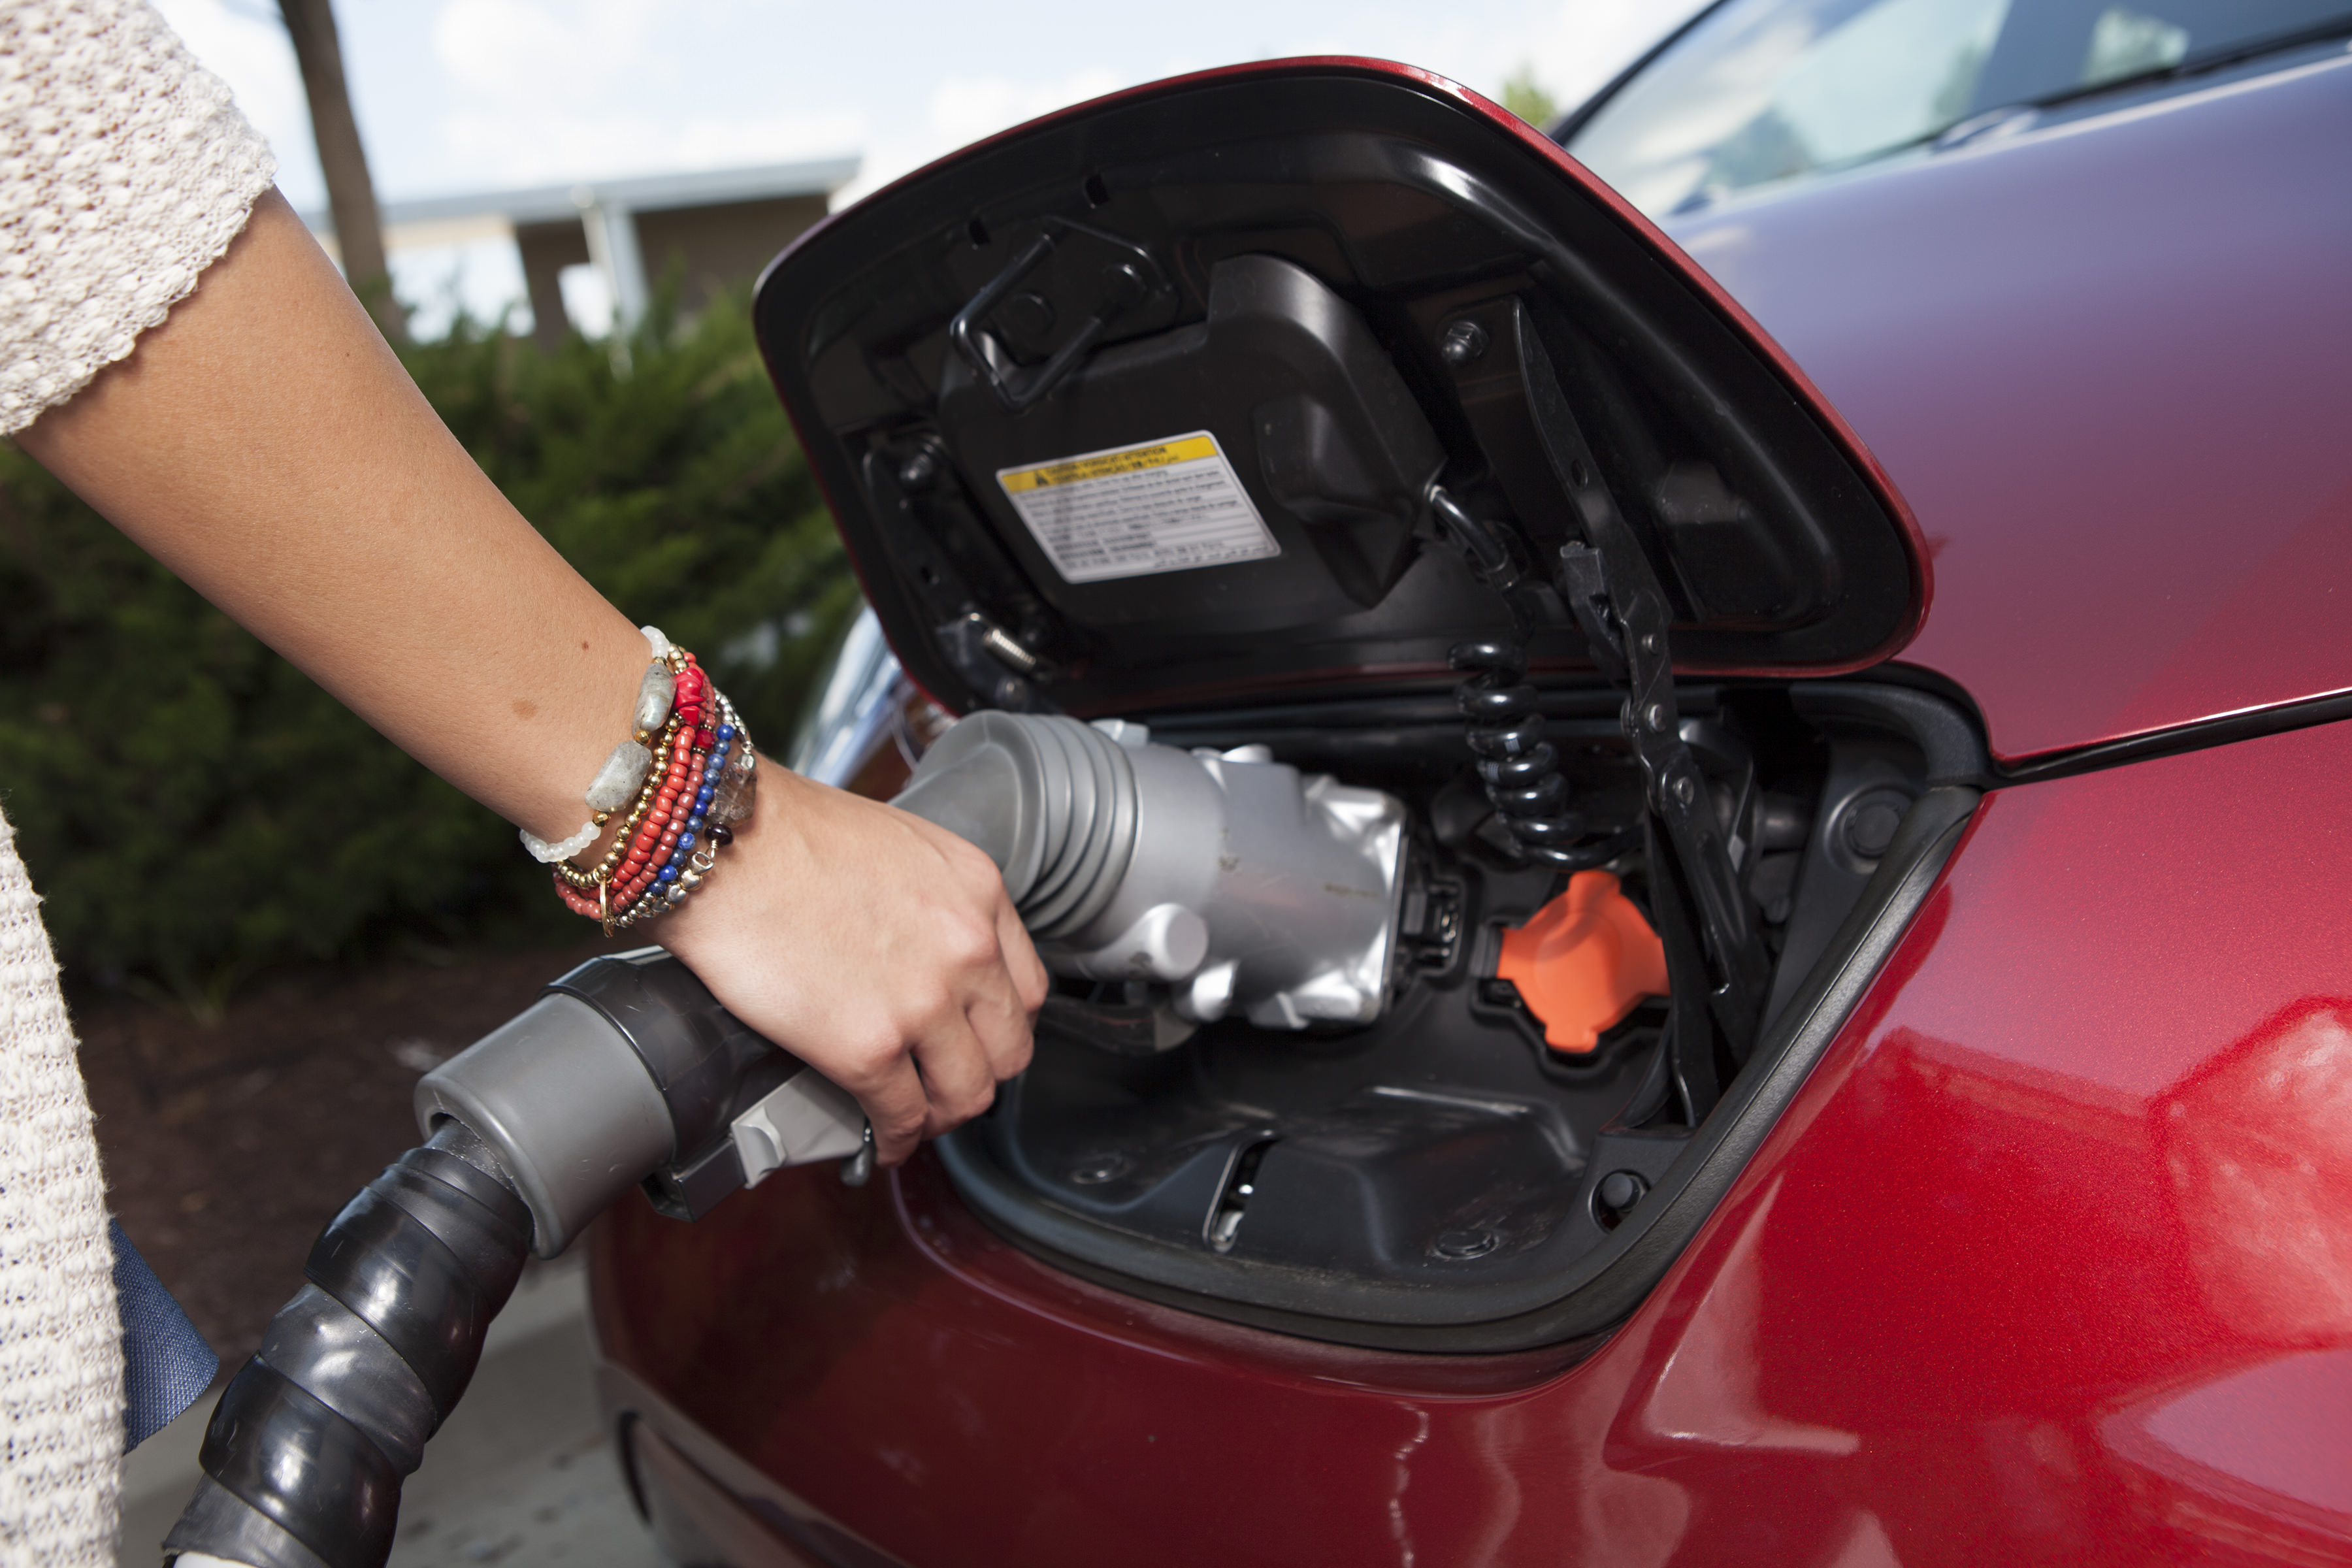 Partenariat entre Nissan et Hydro-Québec pour accroître le réseau de recharge public des véhicules électriques au Québec